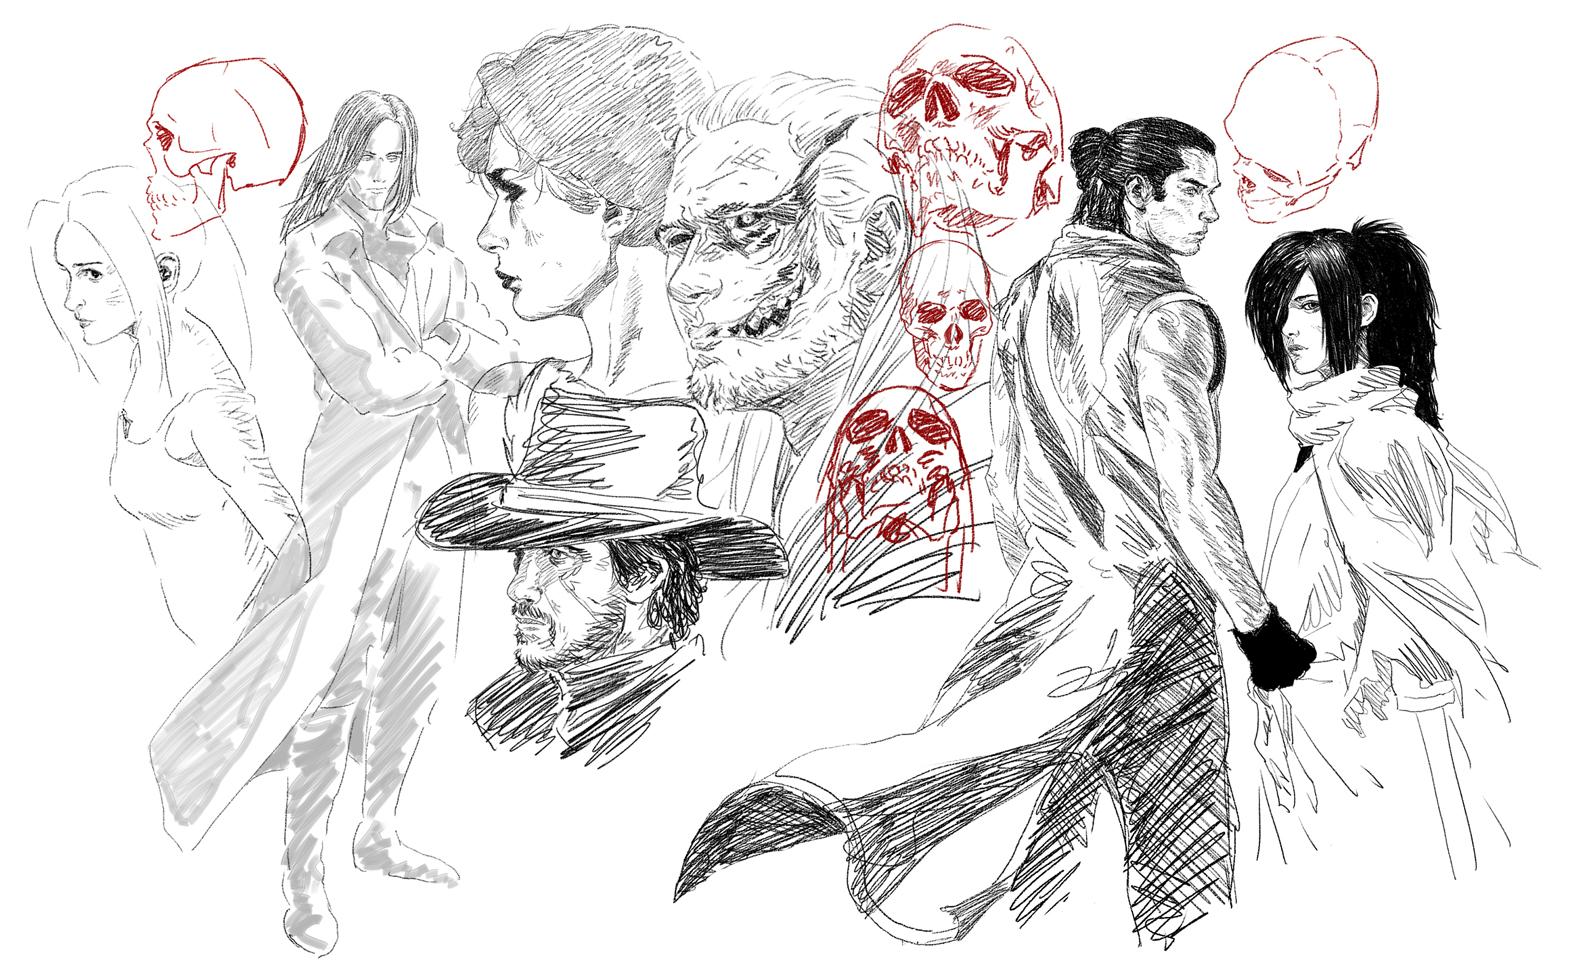 Recherches graphiques de Dagorath - Page 4 1564663874-sketches